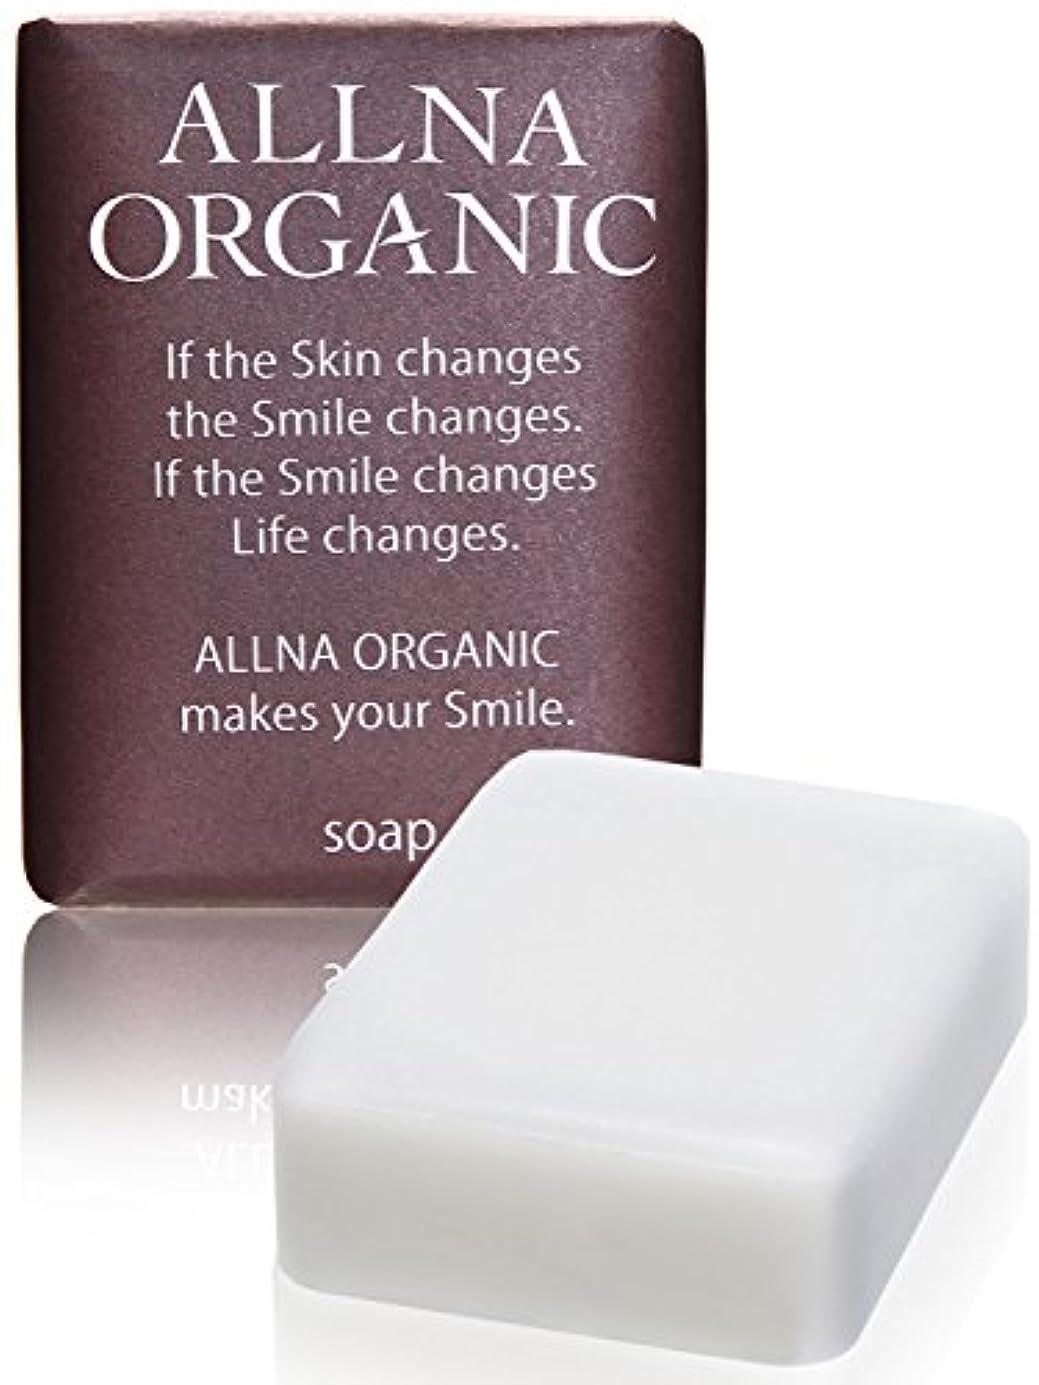 待って法律油オルナ オーガニック 石鹸 「 無添加 敏感 肌用 毛穴 対策 洗顔石鹸 」「 コラーゲン 3種 + ヒアルロン酸 4種 + ビタミンC 4種 + セラミド 配合」 保湿 固形 洗顔 せっけん バスサイズ 100g